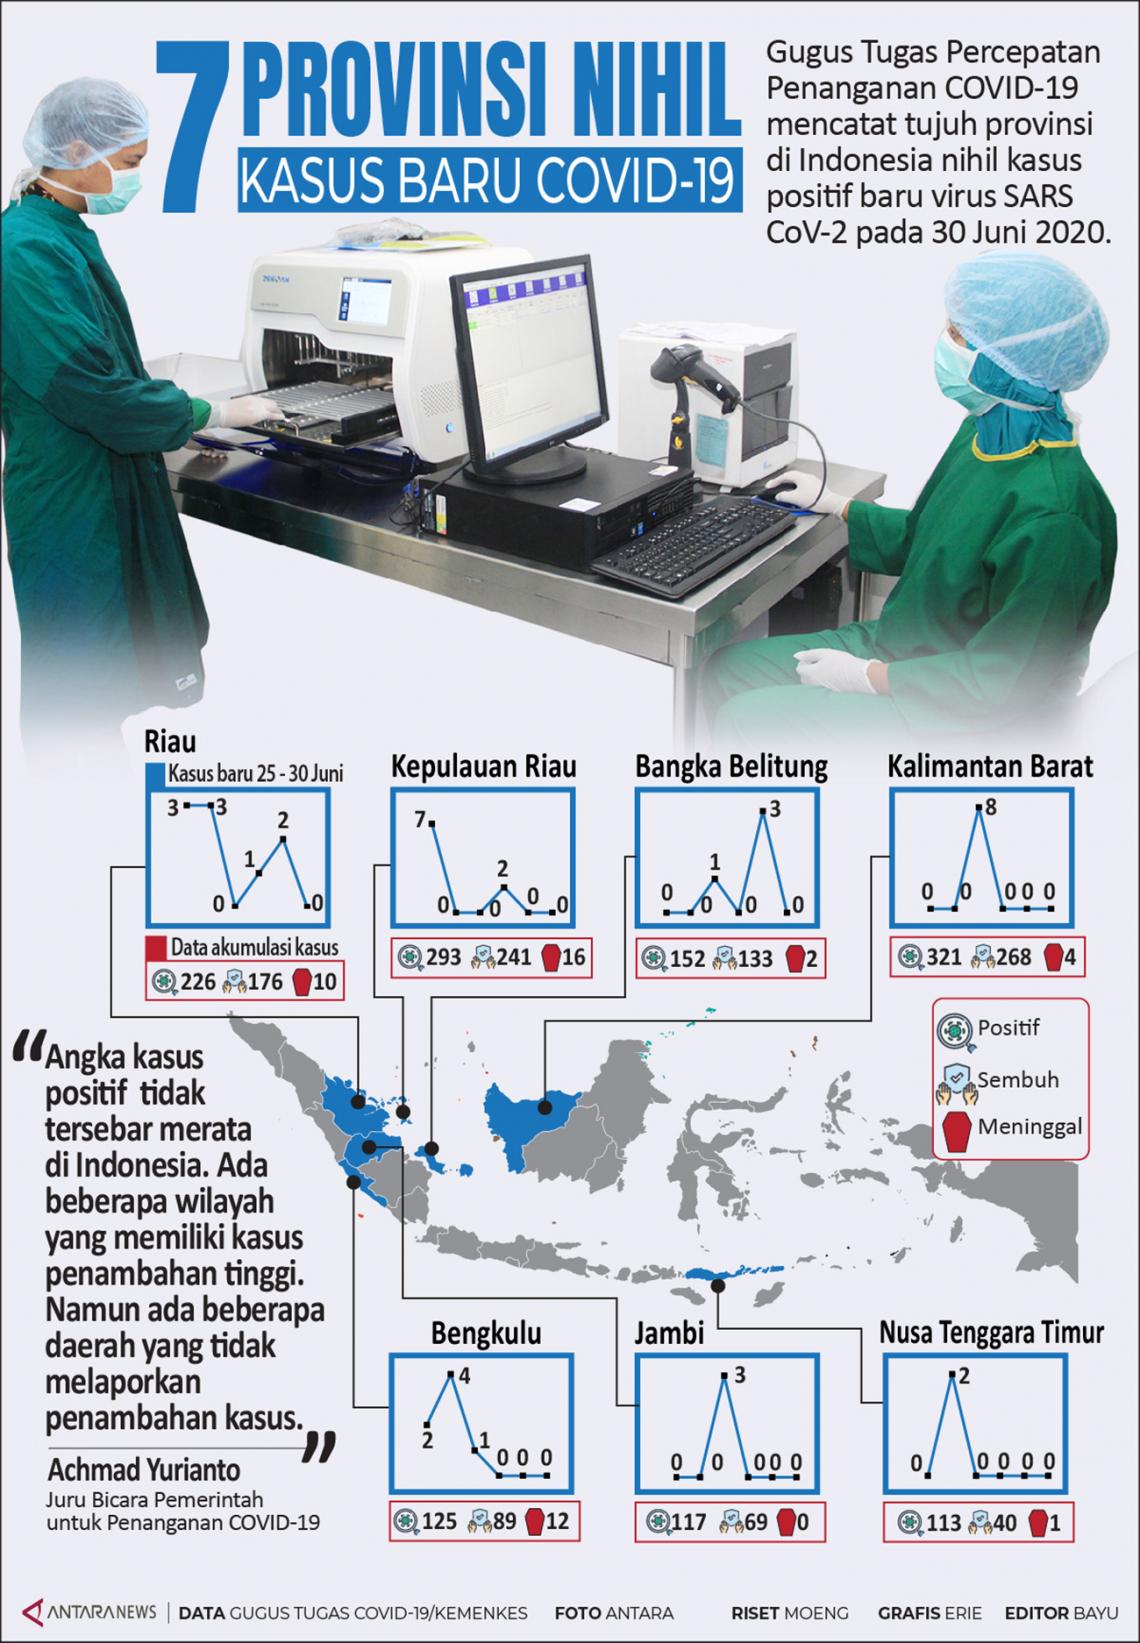 Tujuh provinsi nihil kasus baru COVID-19